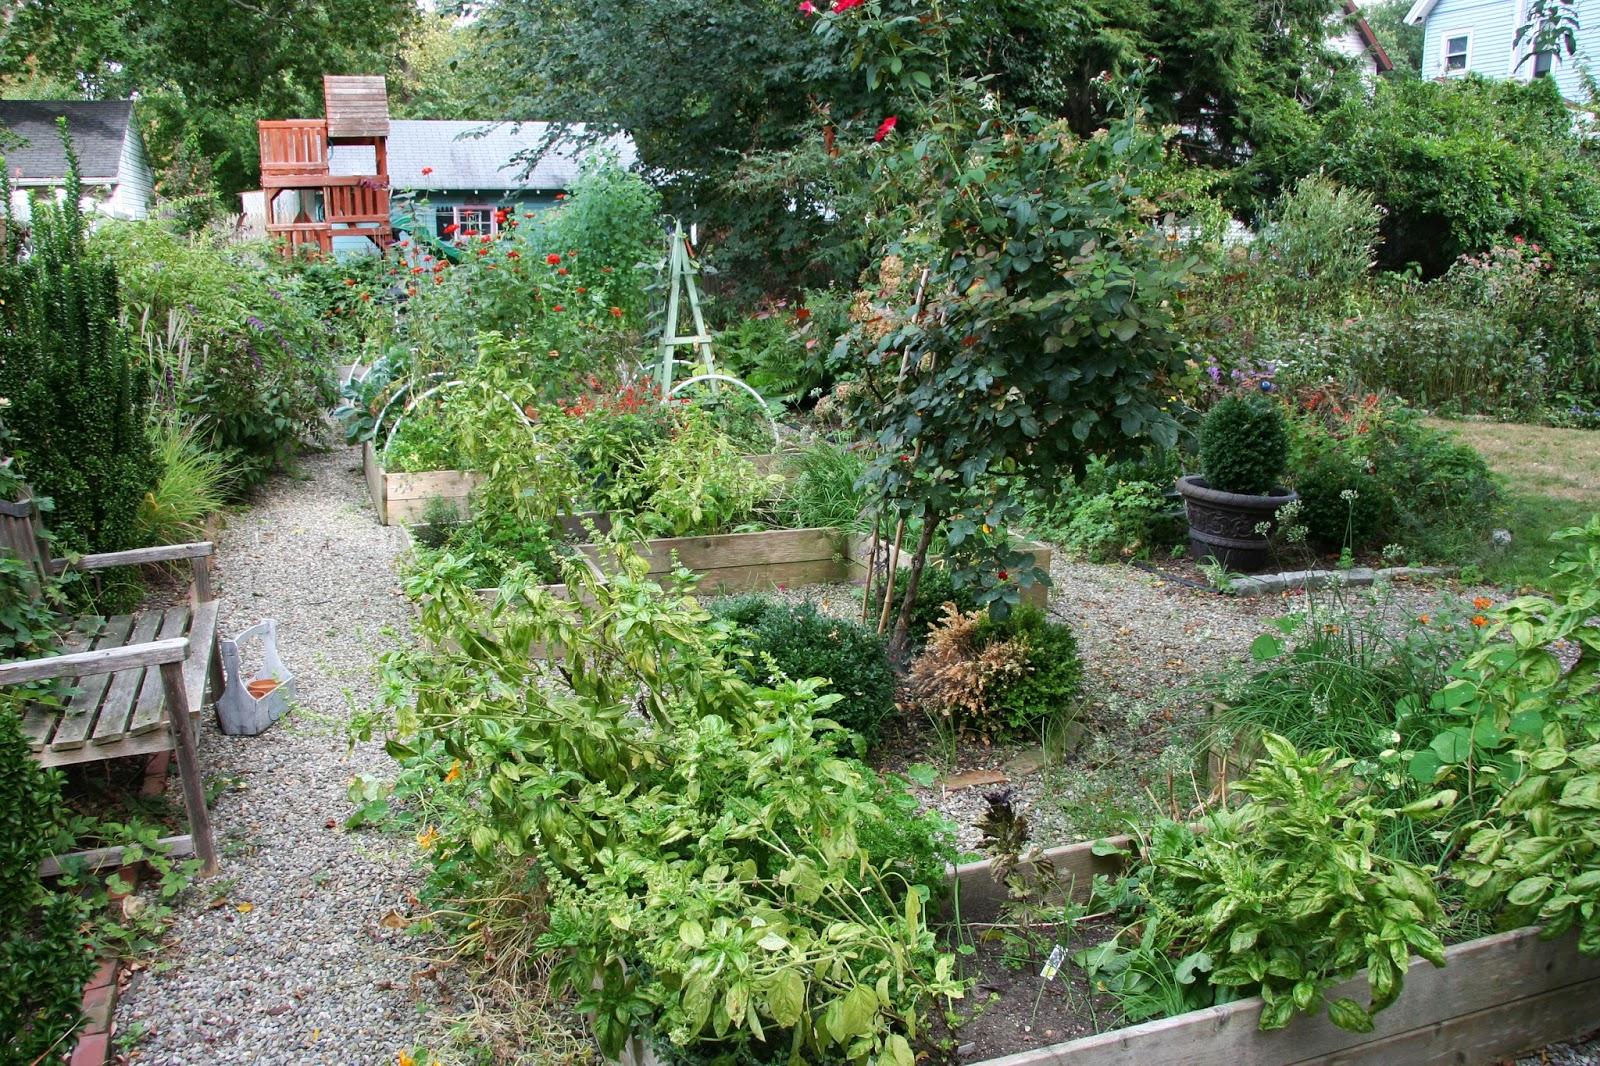 My Kitchen Garden Daffodils Daydreams My Kitchen Garden In September 2015